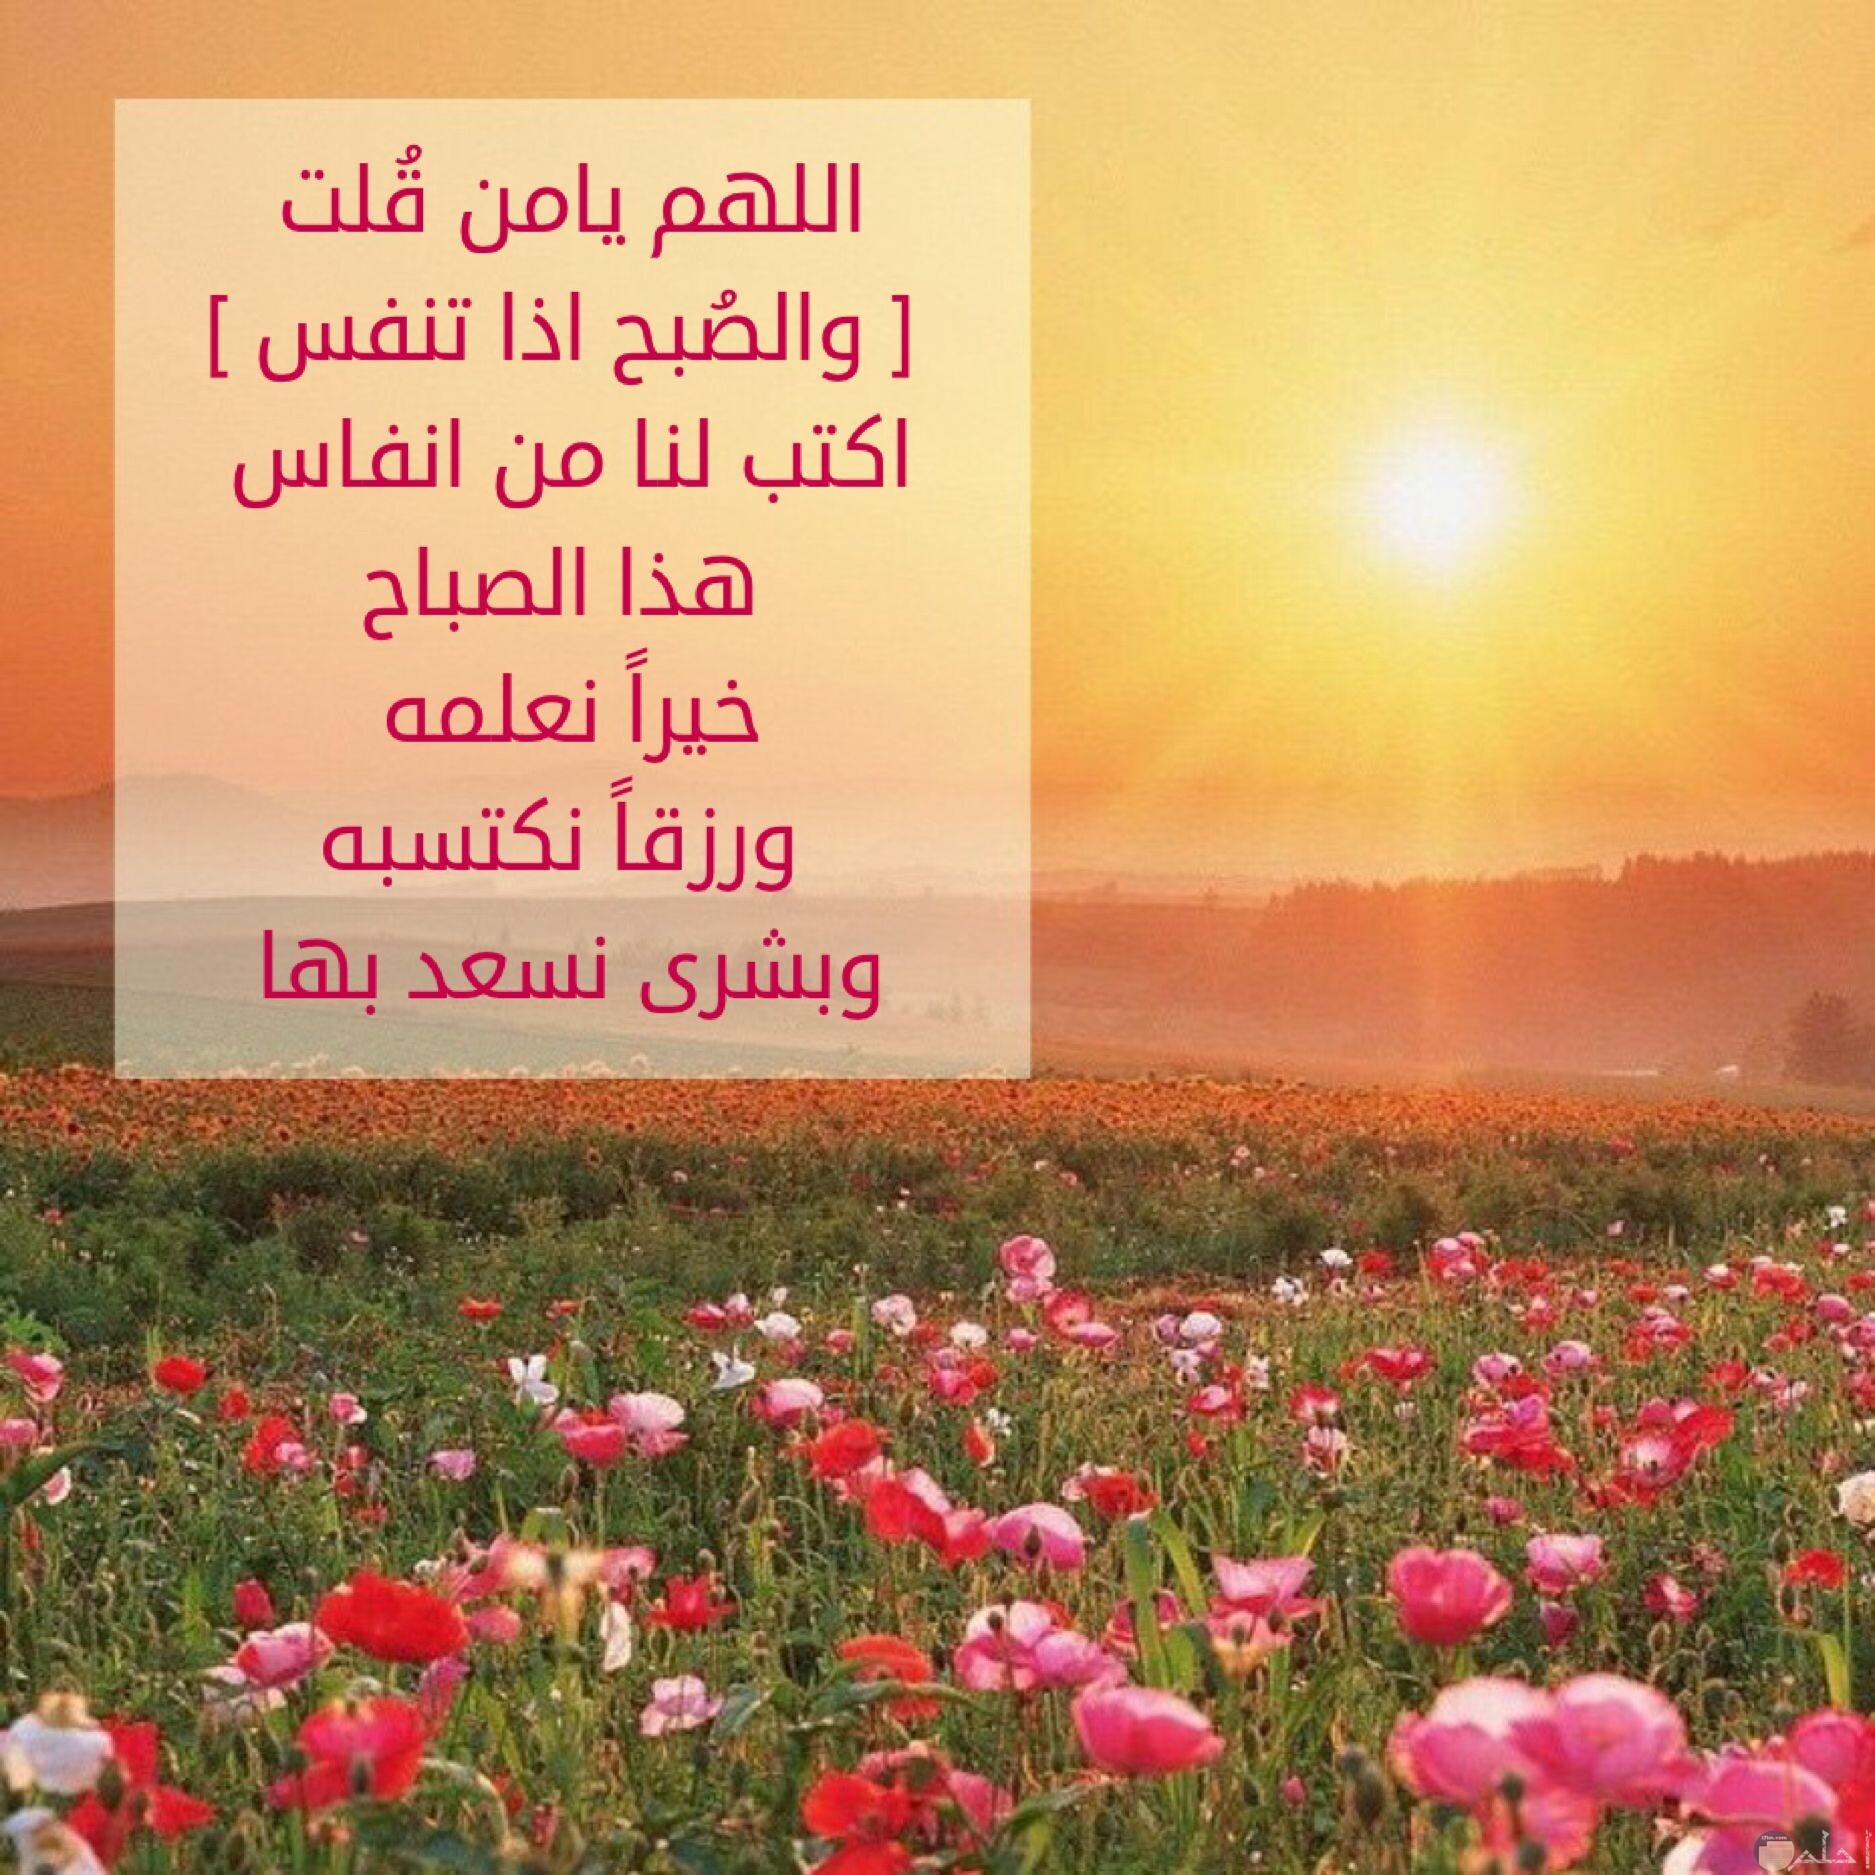 اللهم يامن قلت والصبح اذا تنفس اكتب لنا من انفاس هذا الصباح خيرا نعلمه